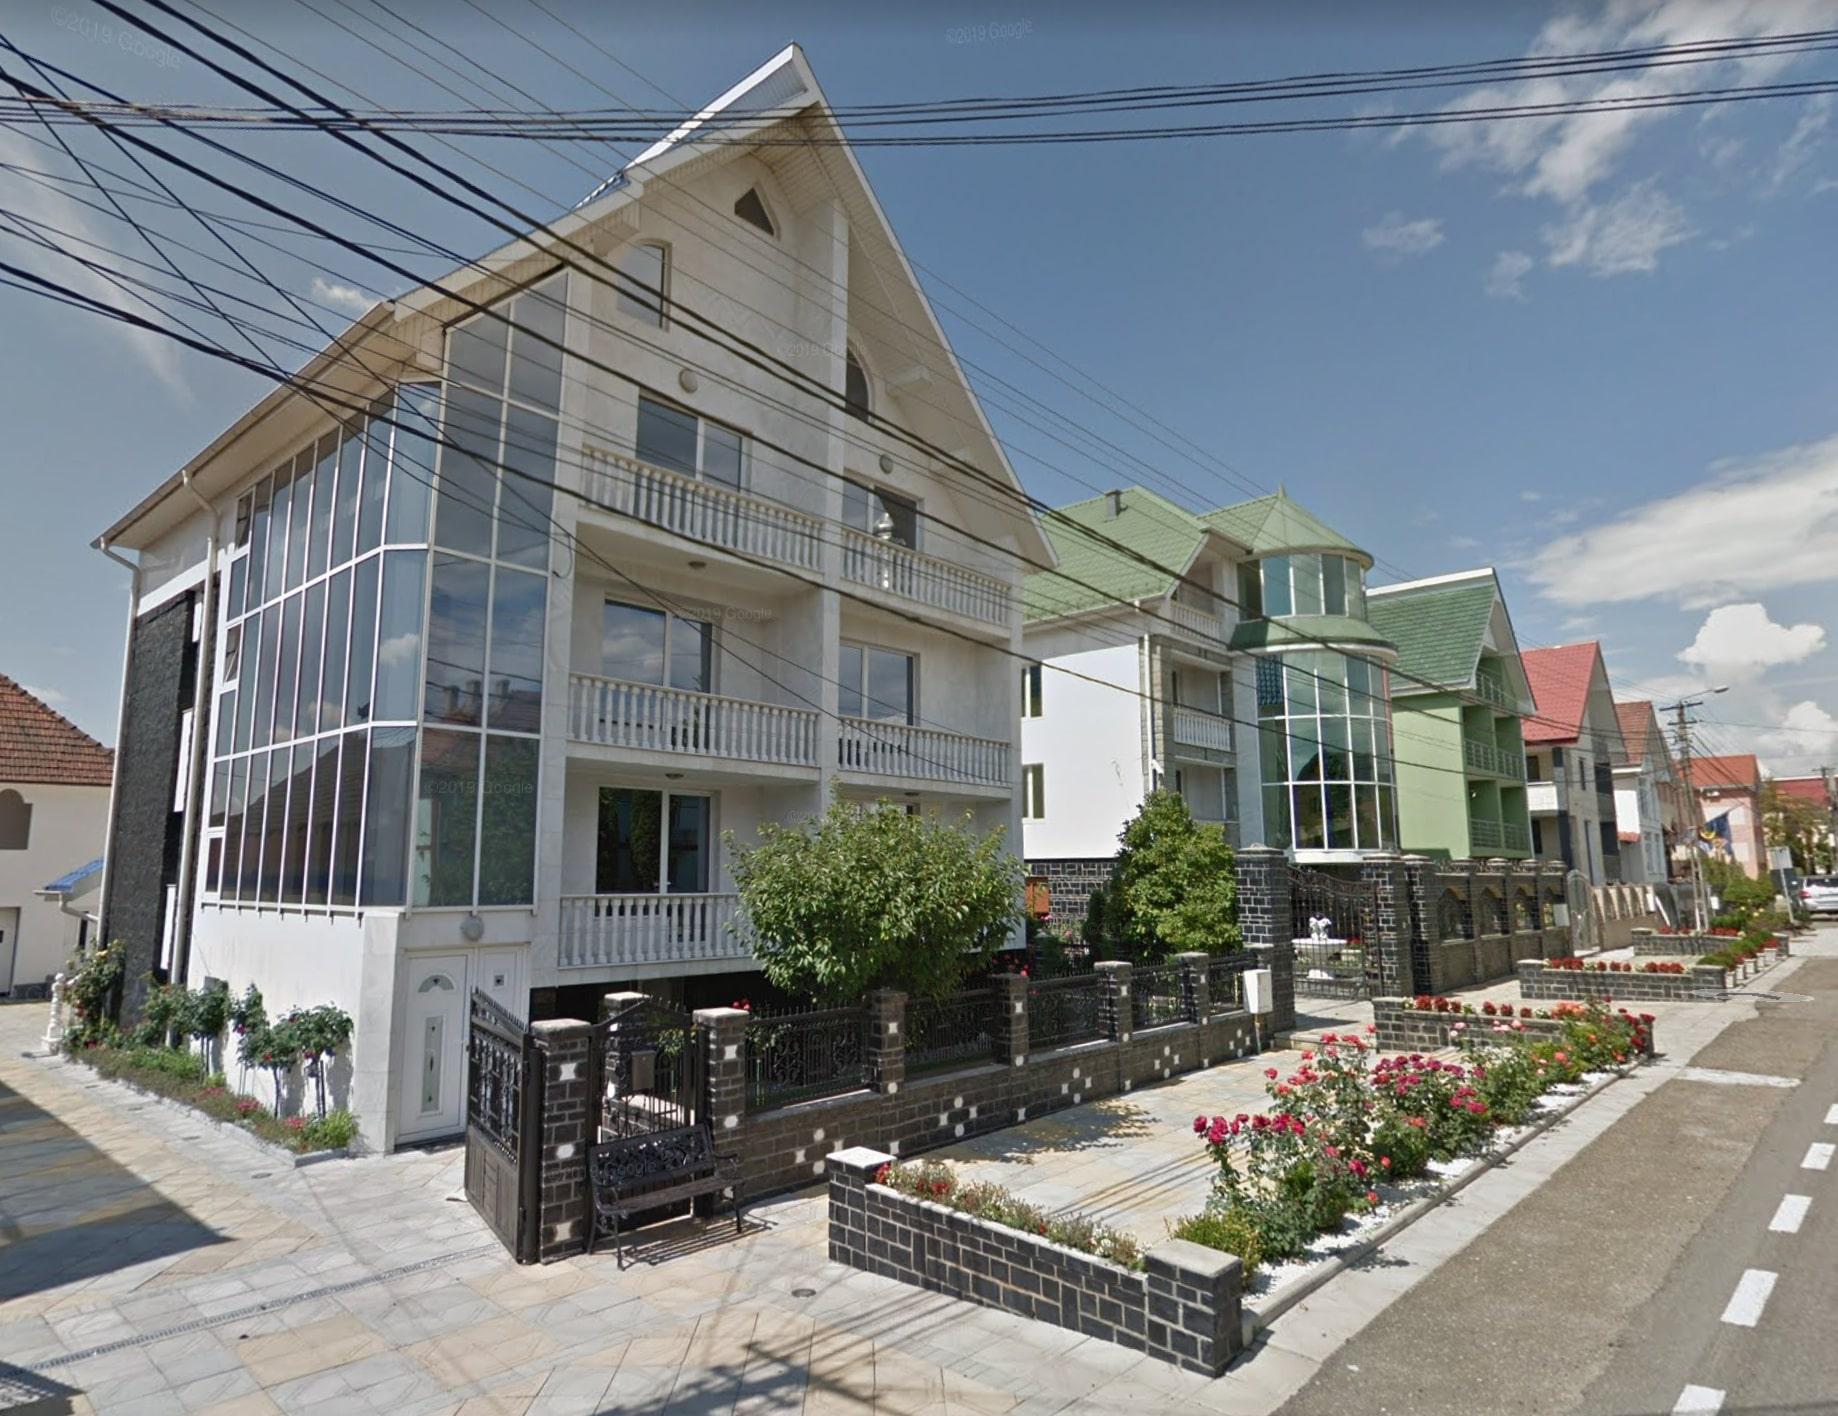 Maison de Certeze (Google street view)